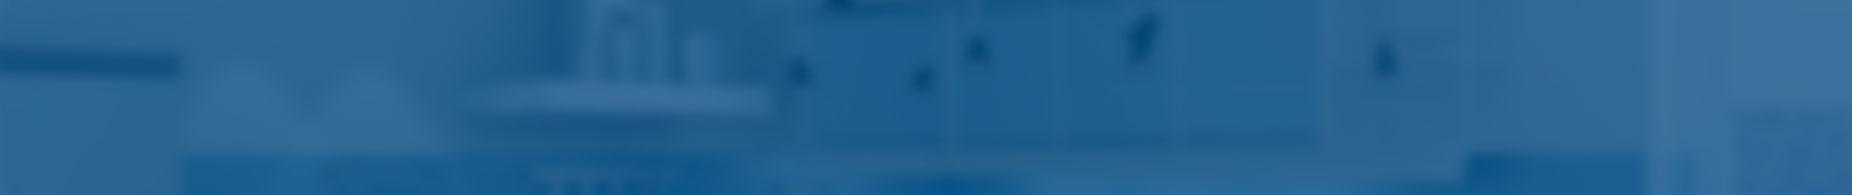 Fridge and Freeze blue slider background